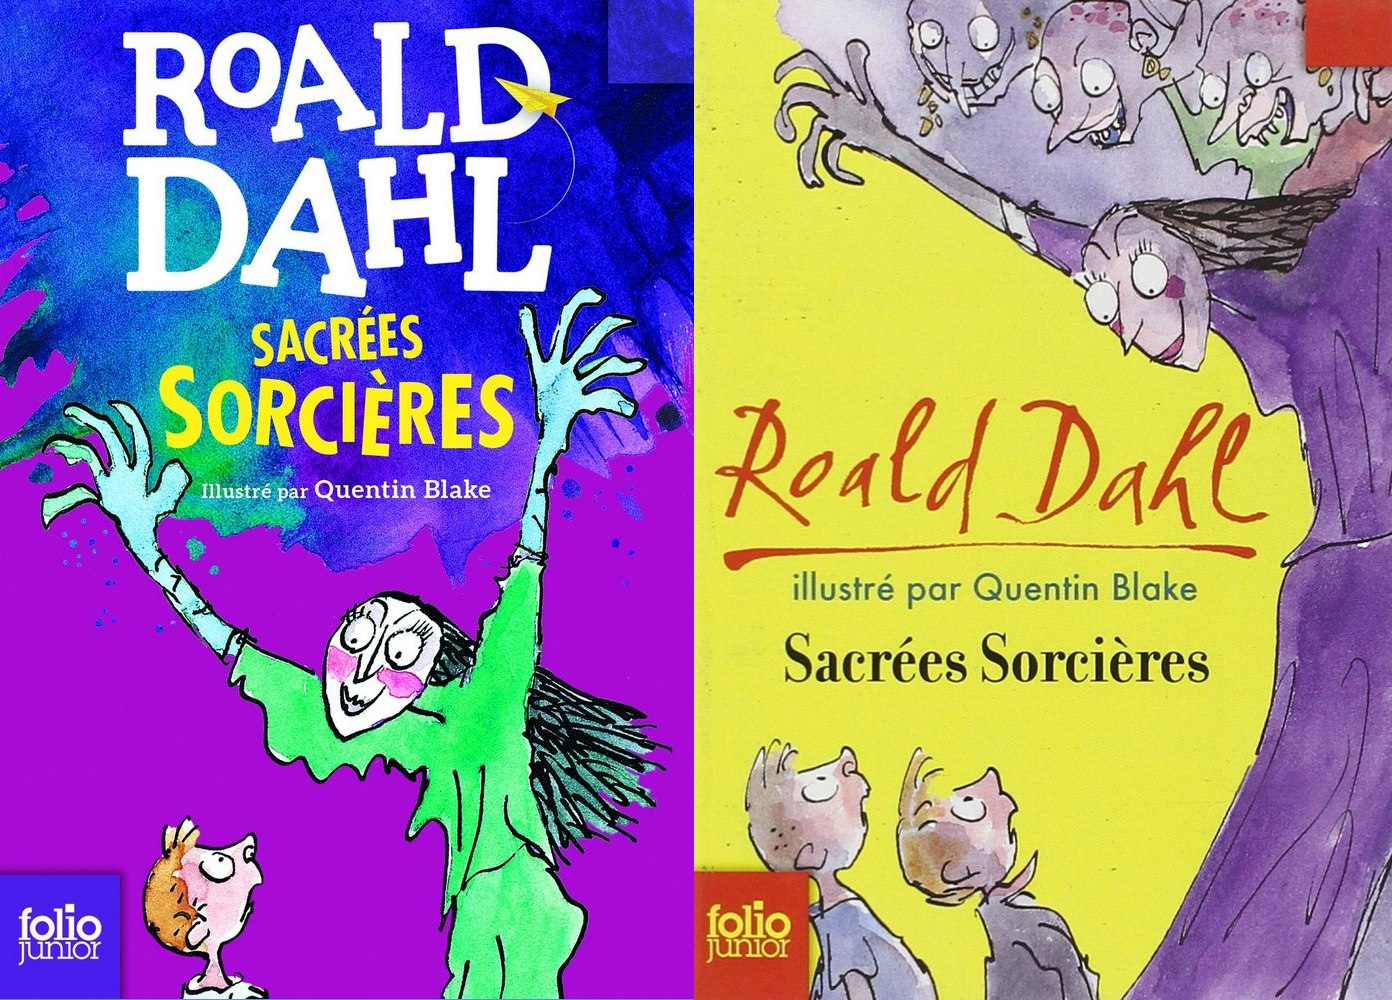 Nouvelles couvertures Roald Dahl sorcières